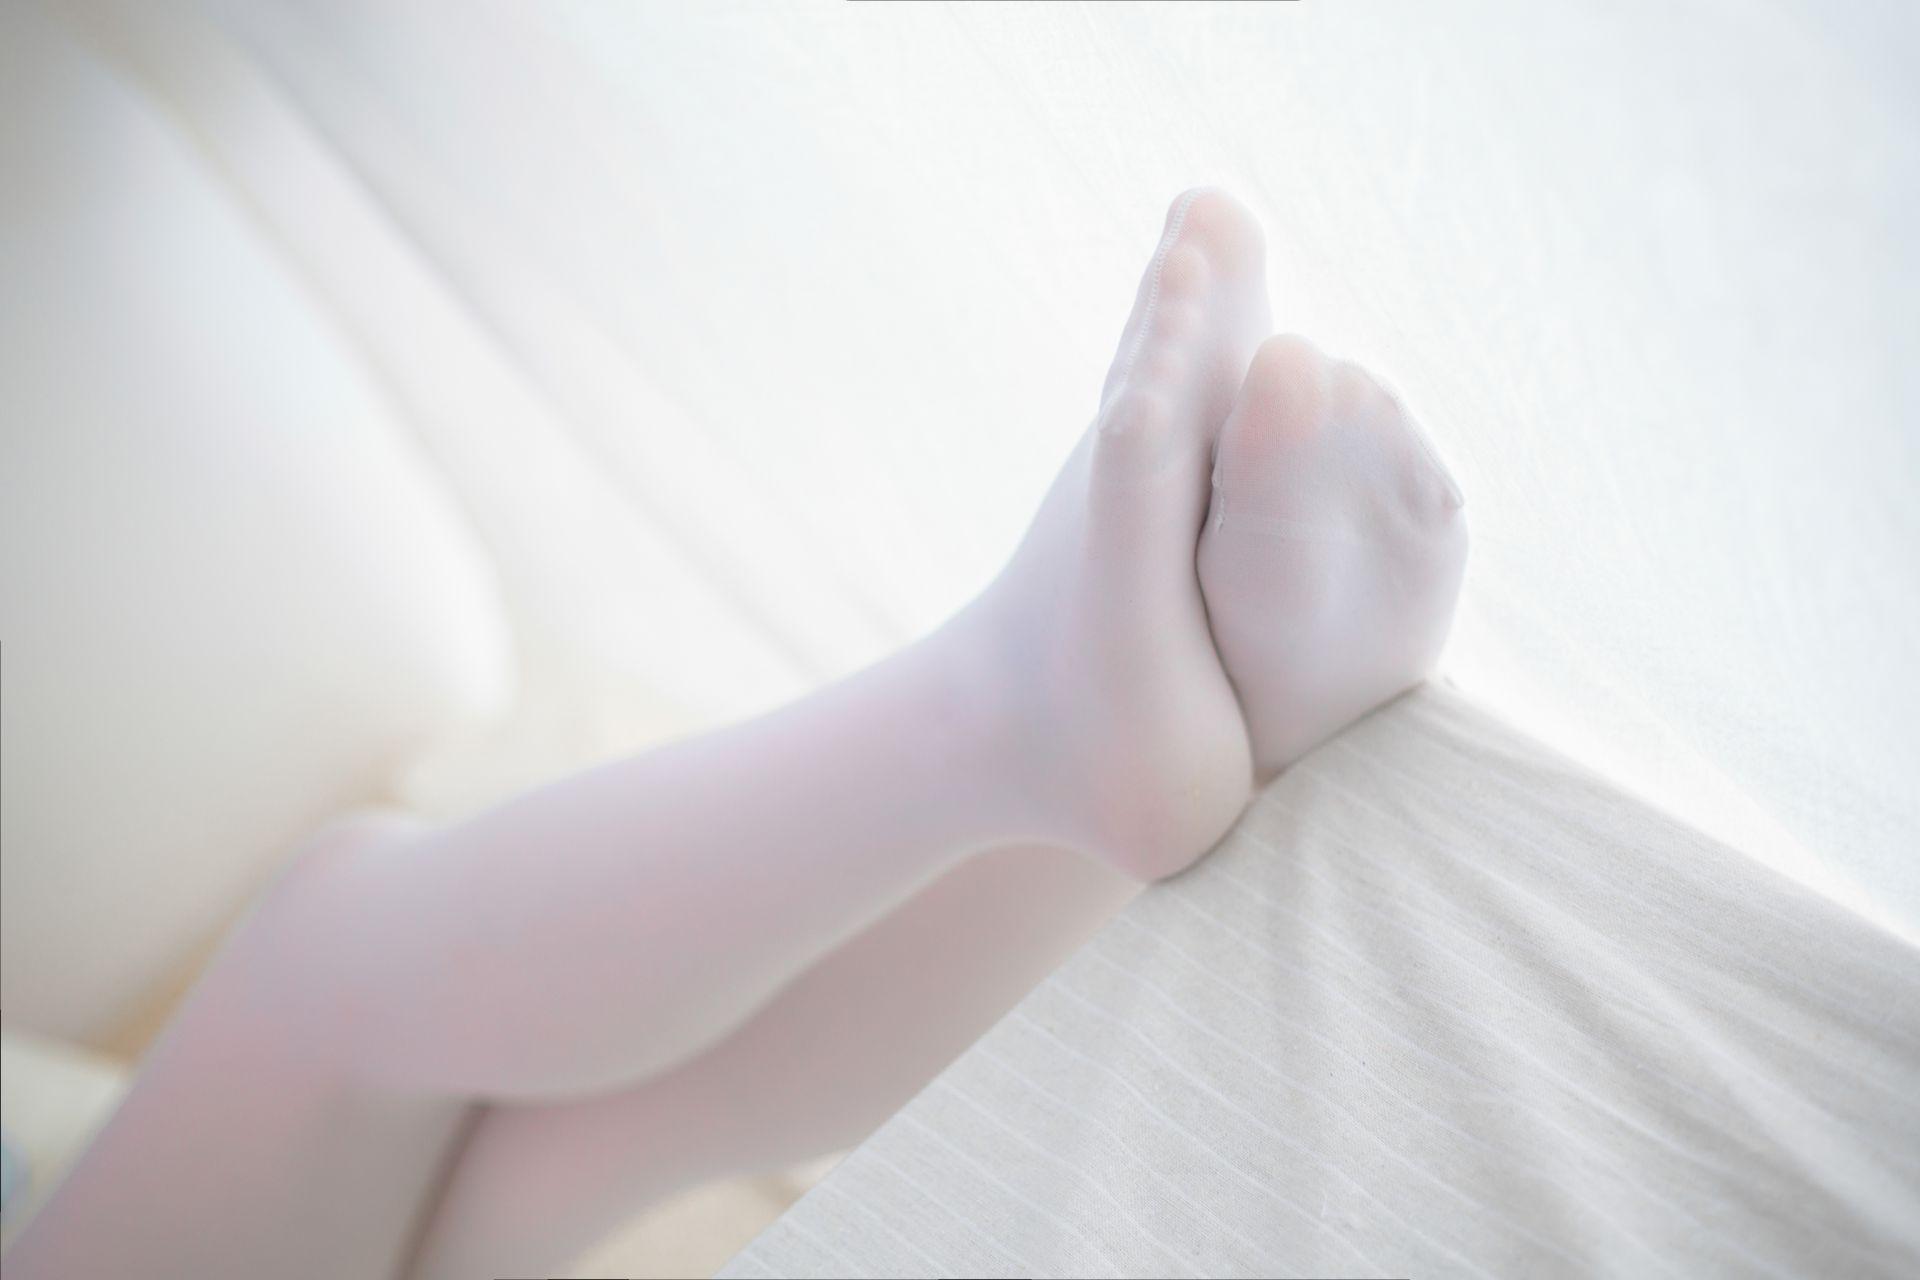 少女秩序 VOL.015 超薄丝袜的质感 兔玩映画 第40张